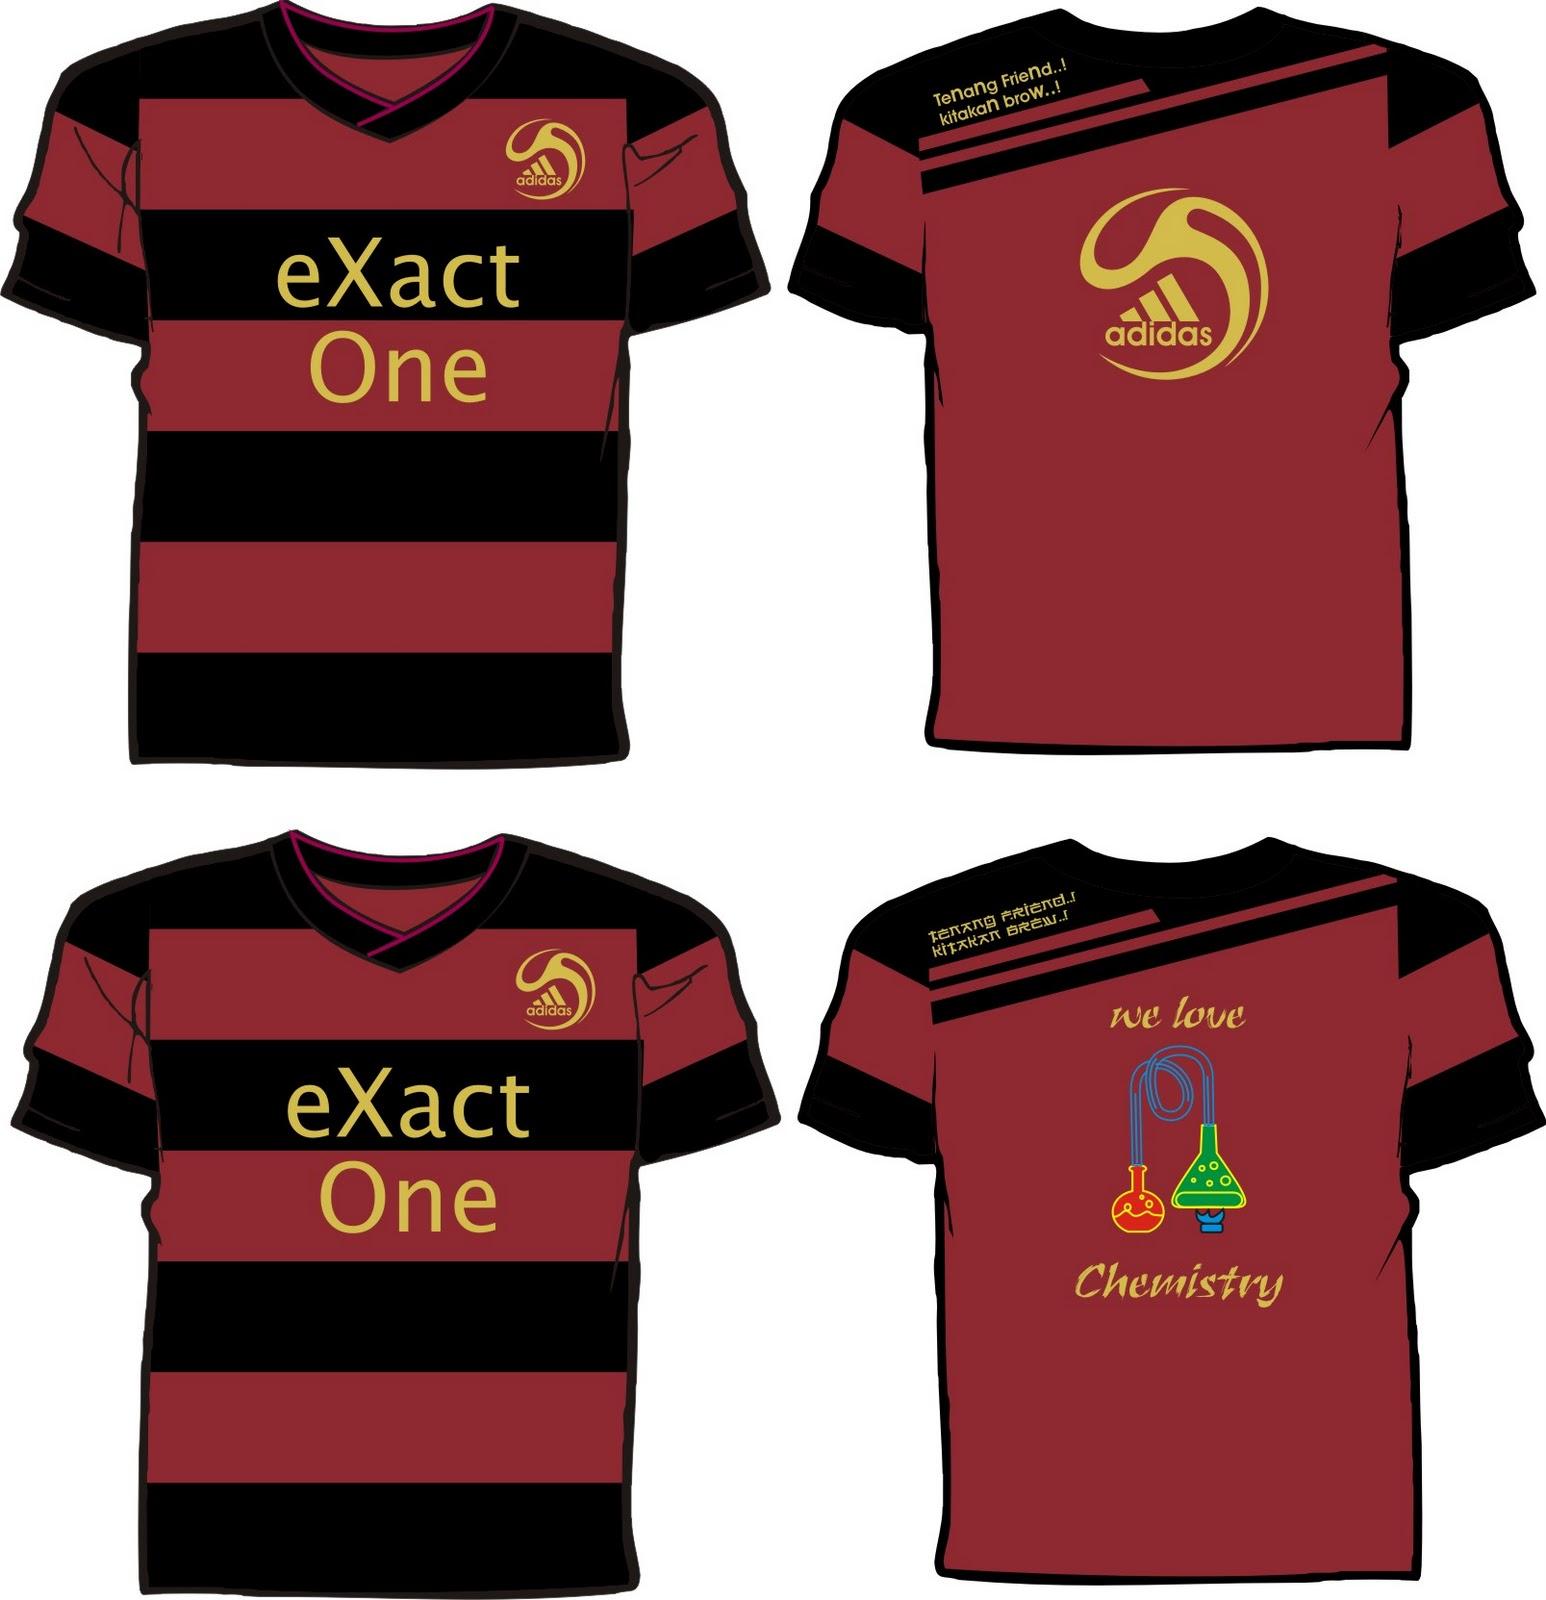 Contoh desain t shirt kelas - Inilah Contoh Desian Baju Kelas Kami Bagi Siapa Saja Yang Ingin Mendownloadnya Silakan Klik Disini